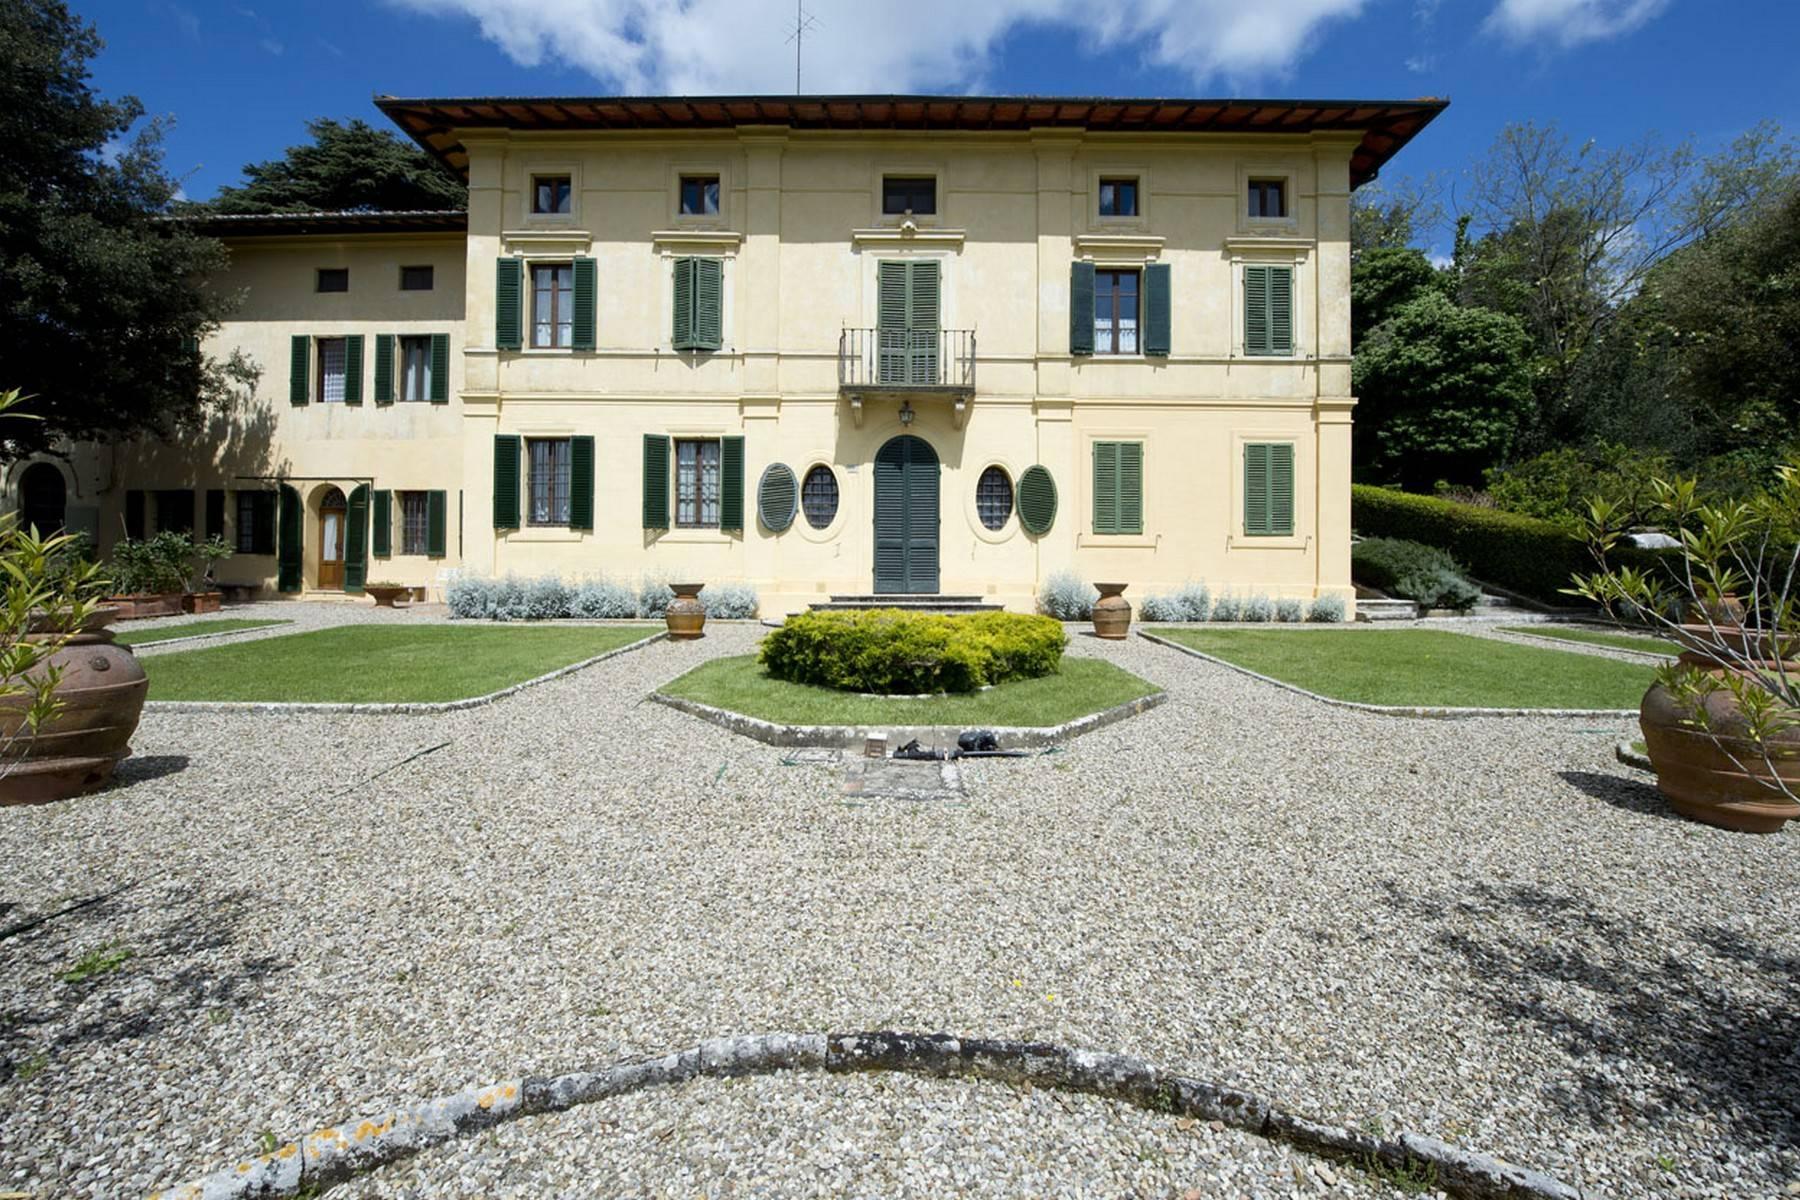 Spettacolare Villa Aristocratica alle Porte di Siena - 1